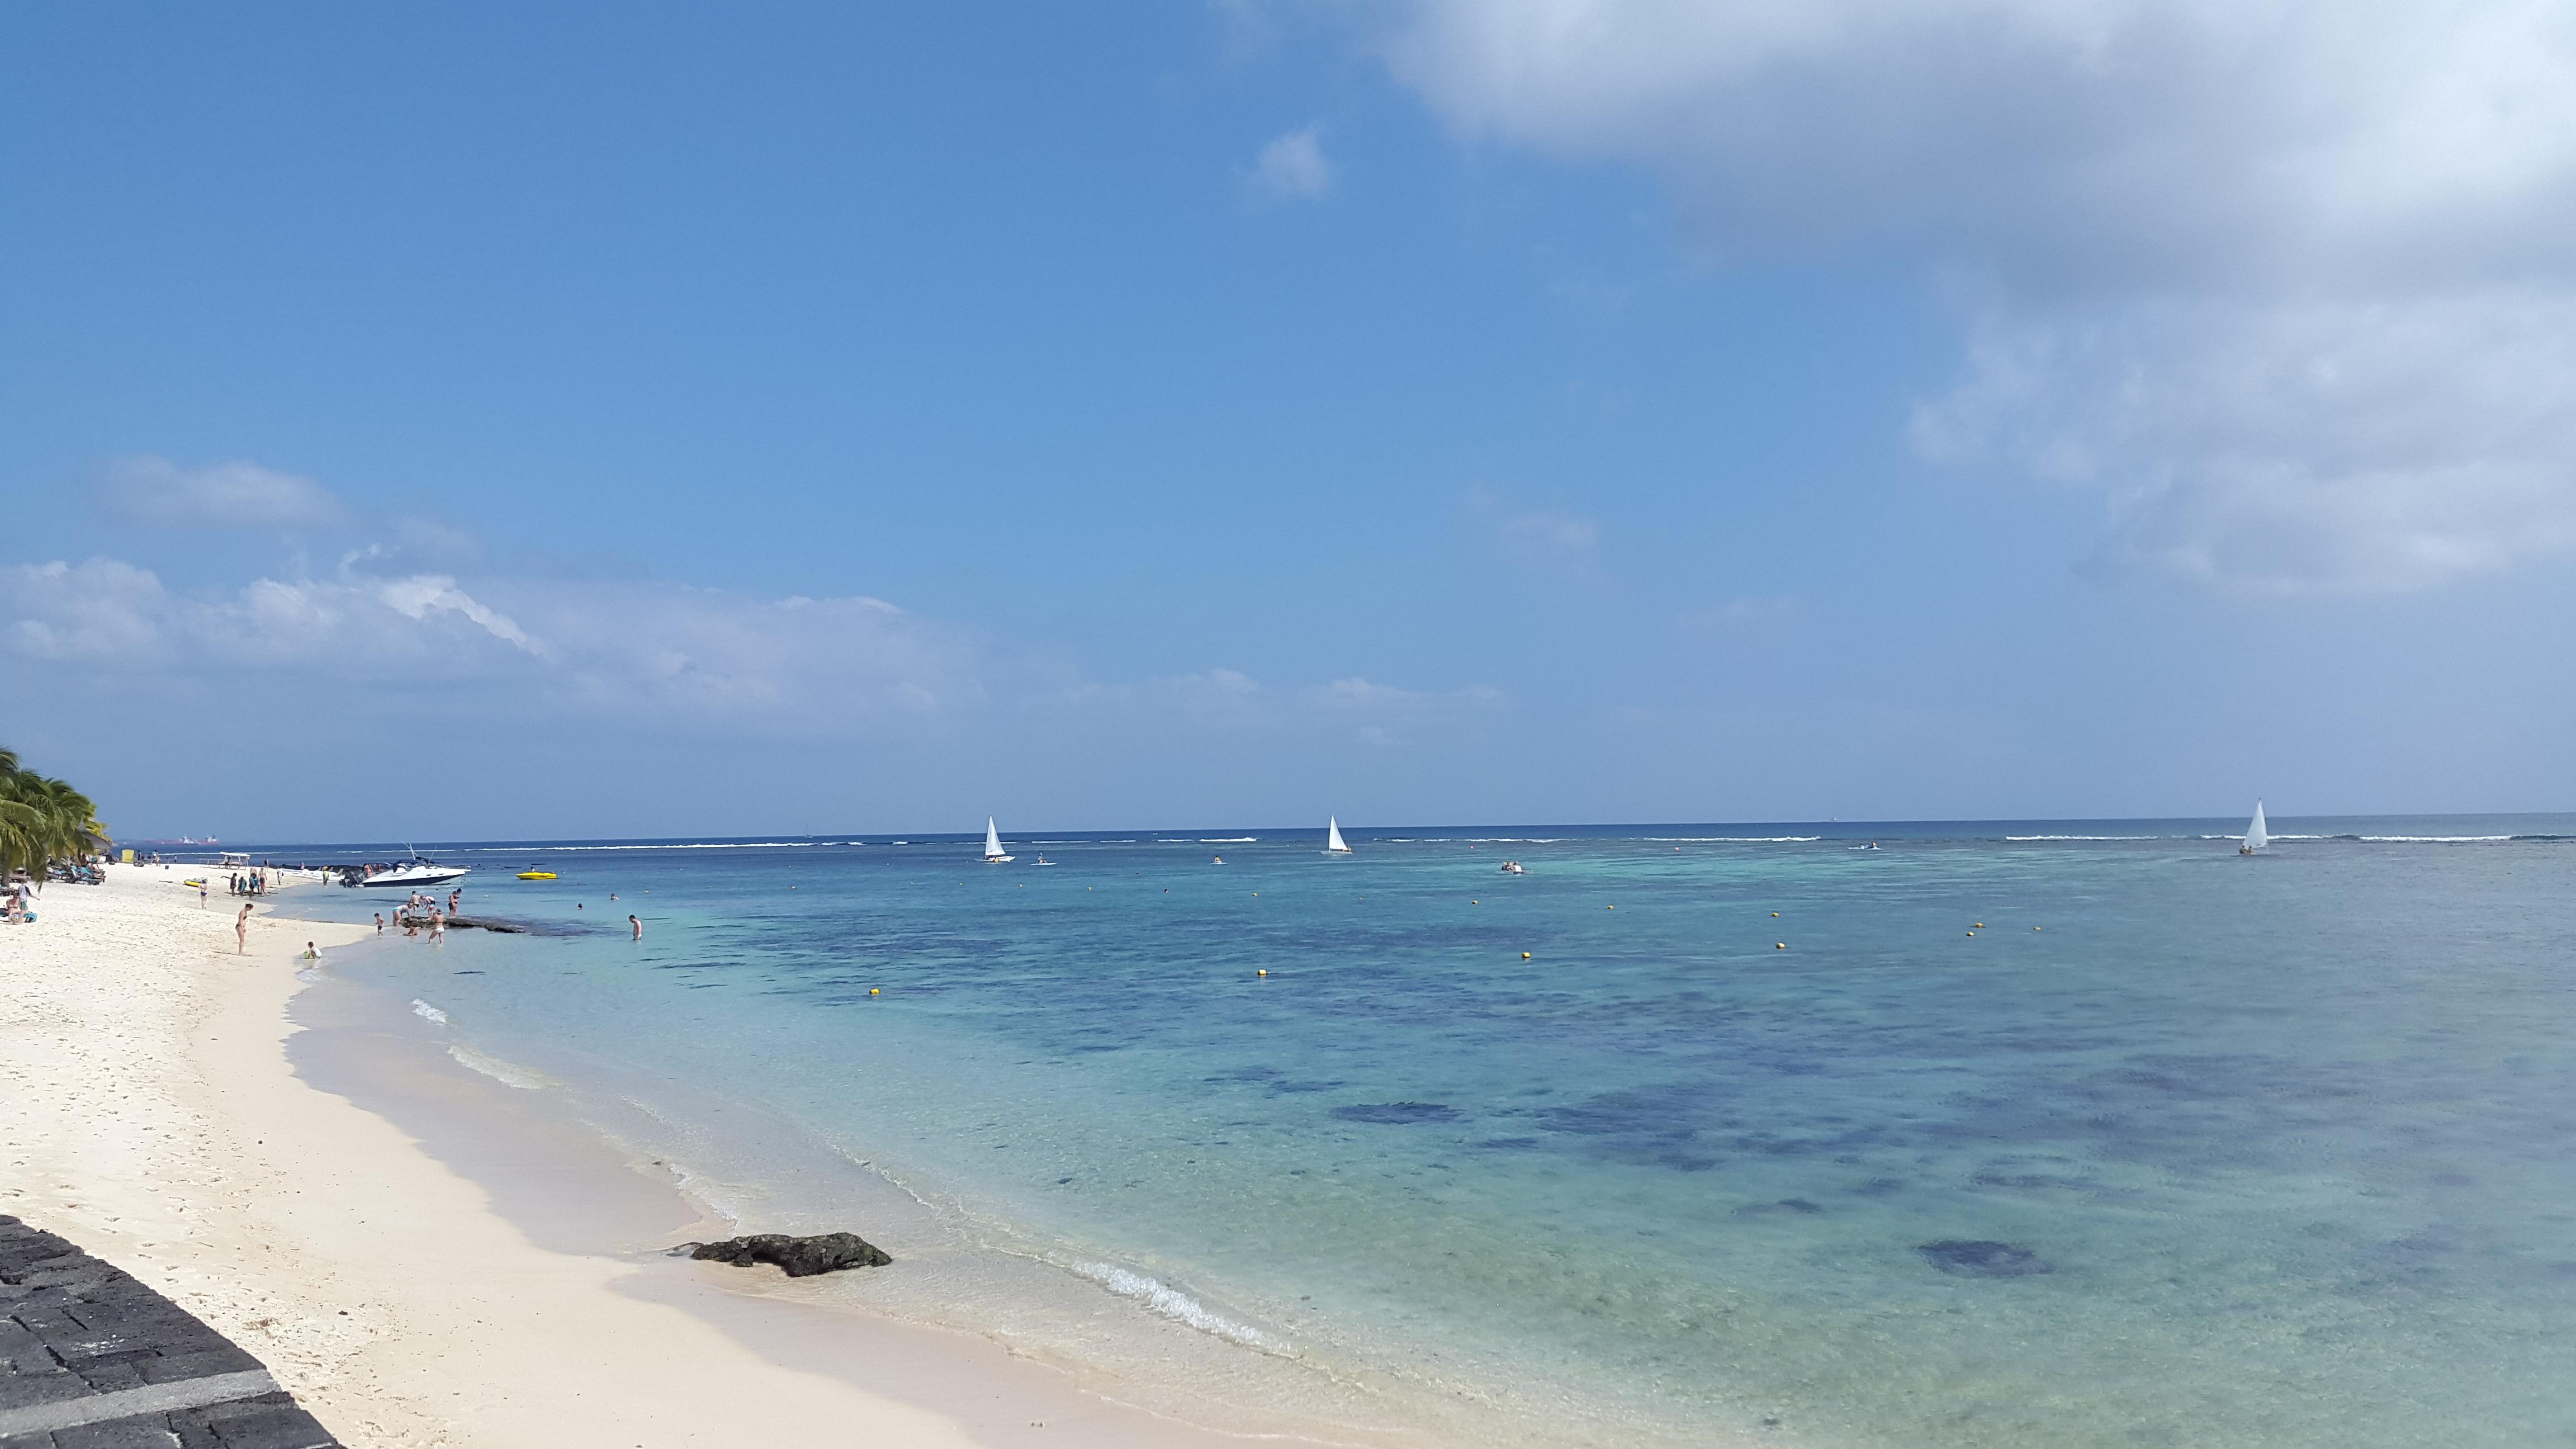 Häämatka aurinkoisella Mauritiuksella!